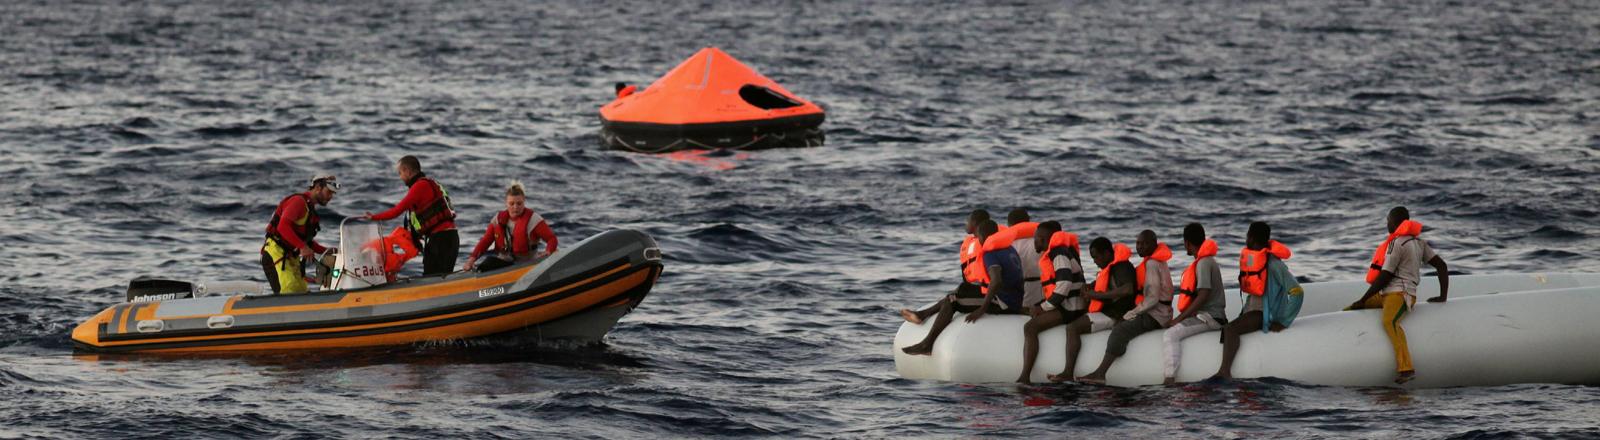 Seenotrettung vor der libyschen Küste im Mittelmeer